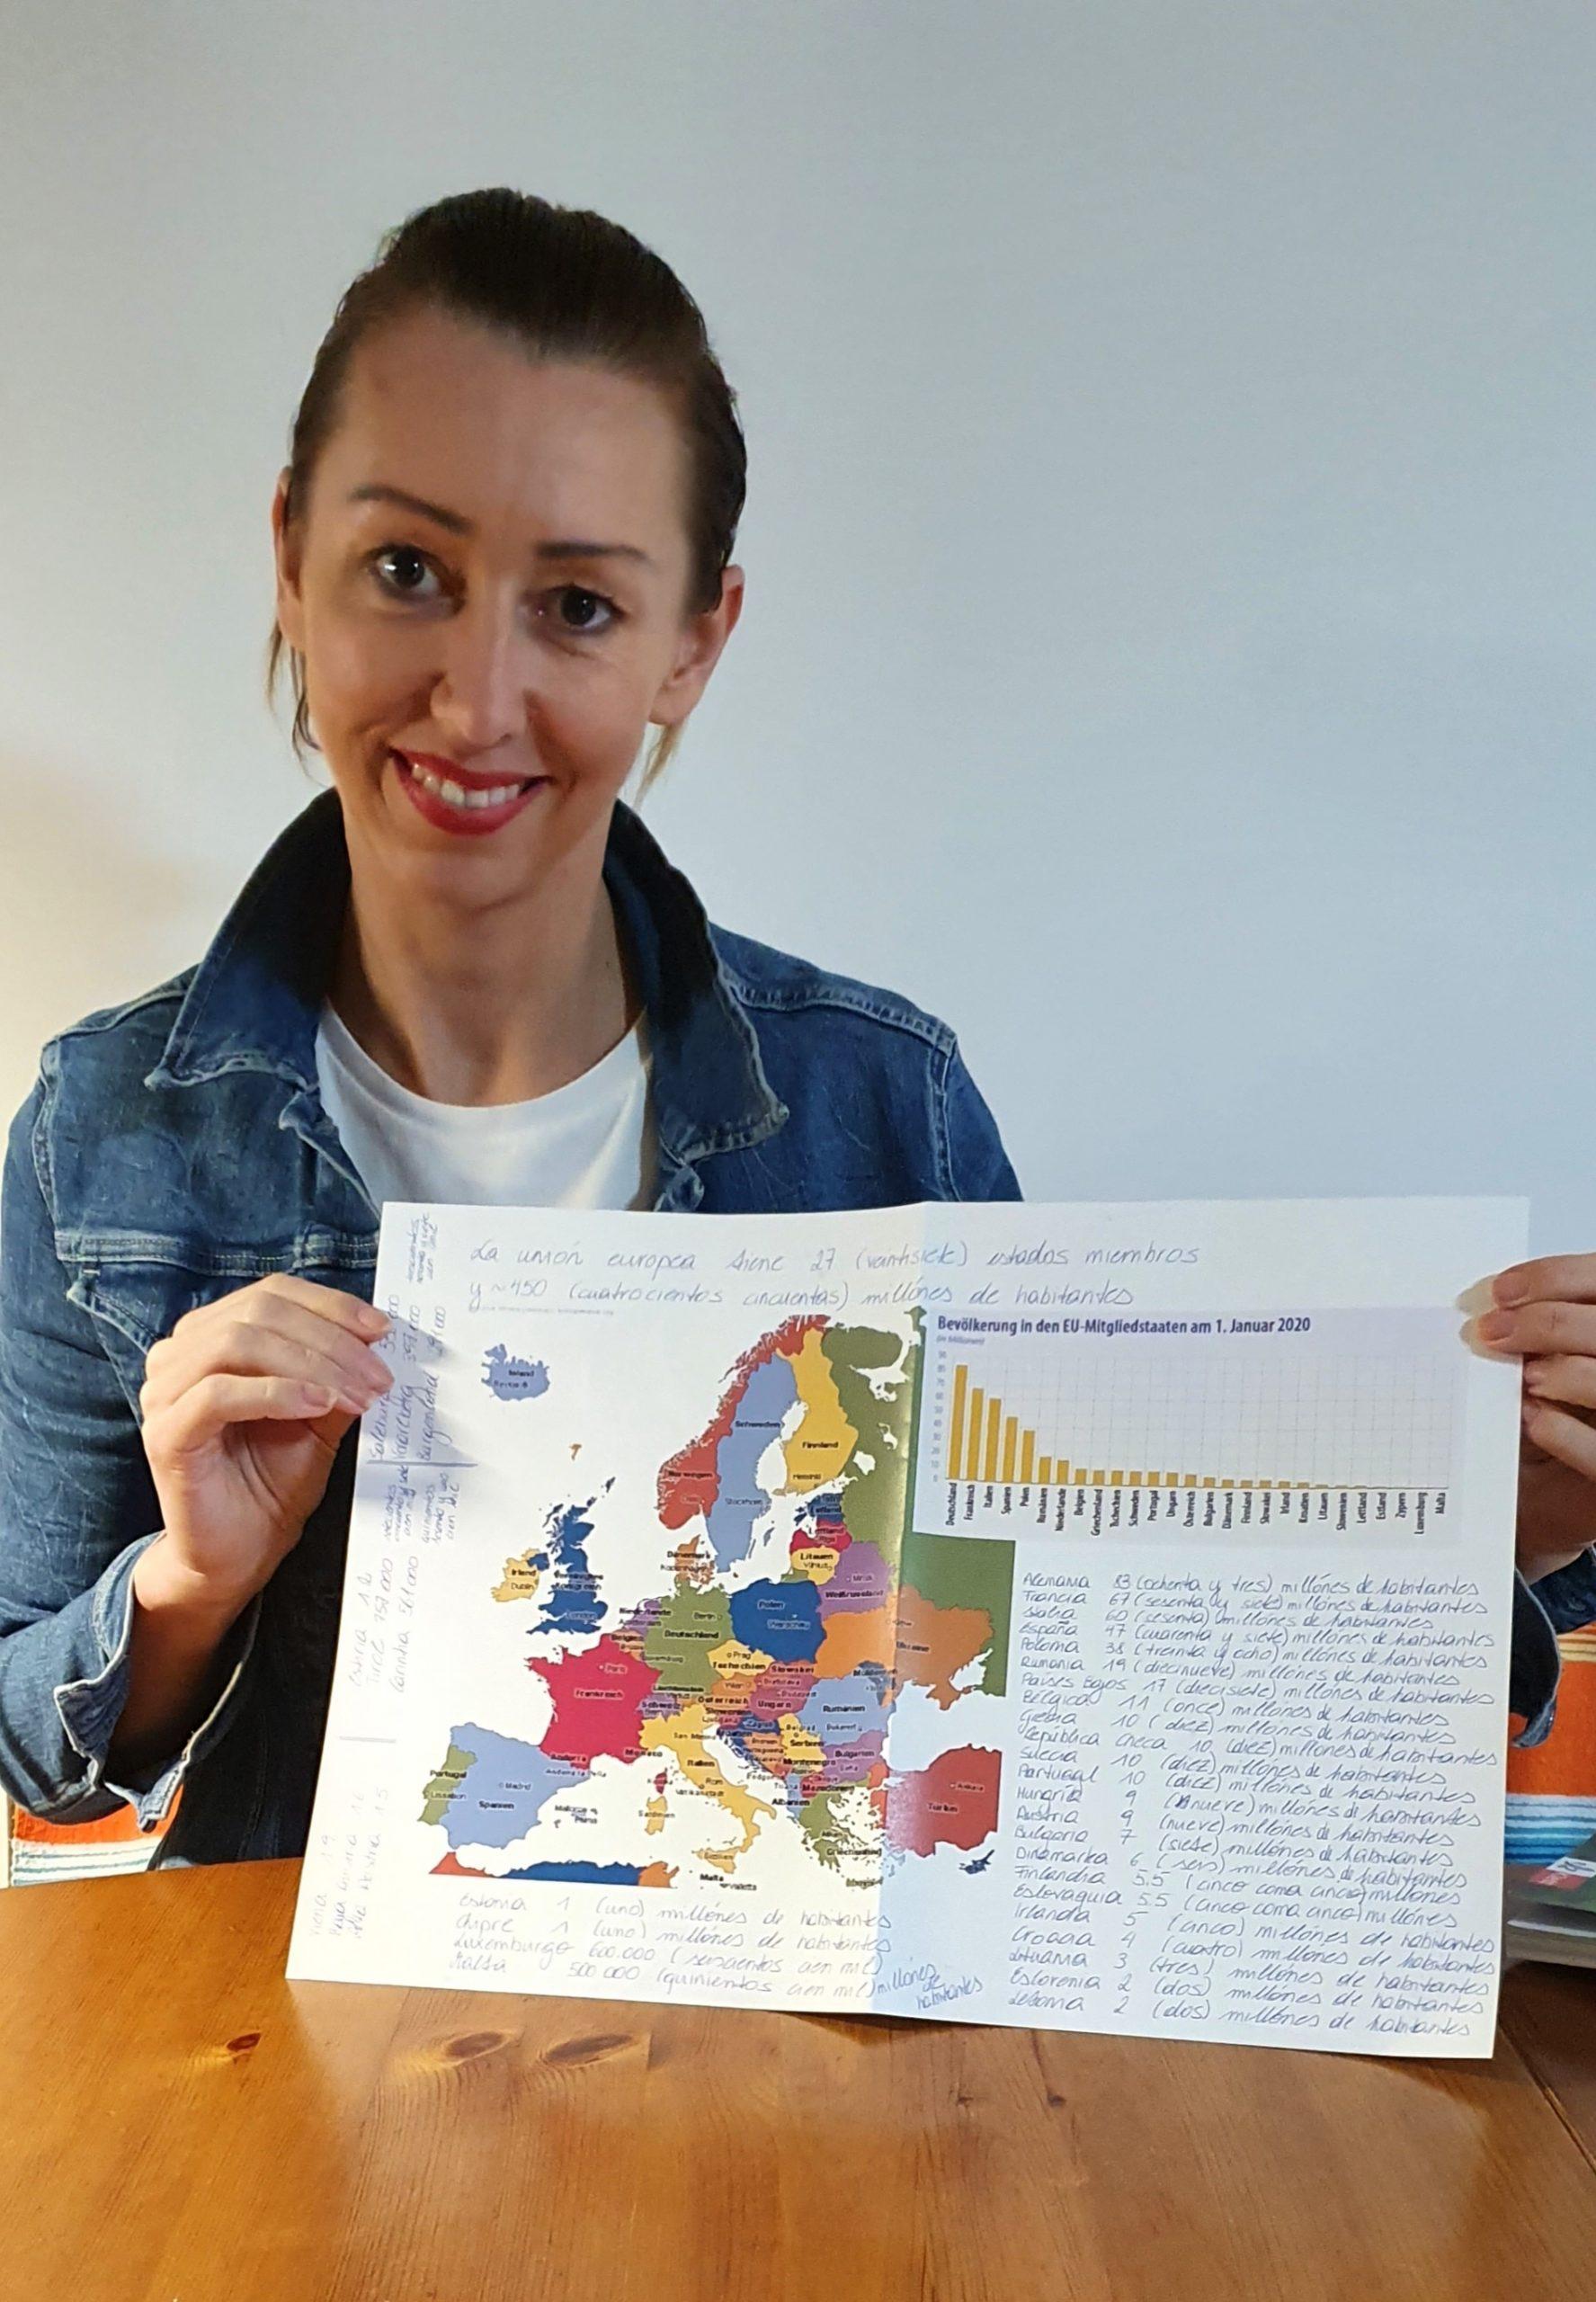 Marion lern gern Spanisch in St. Pölten in der Sprachschule Spanisch2go